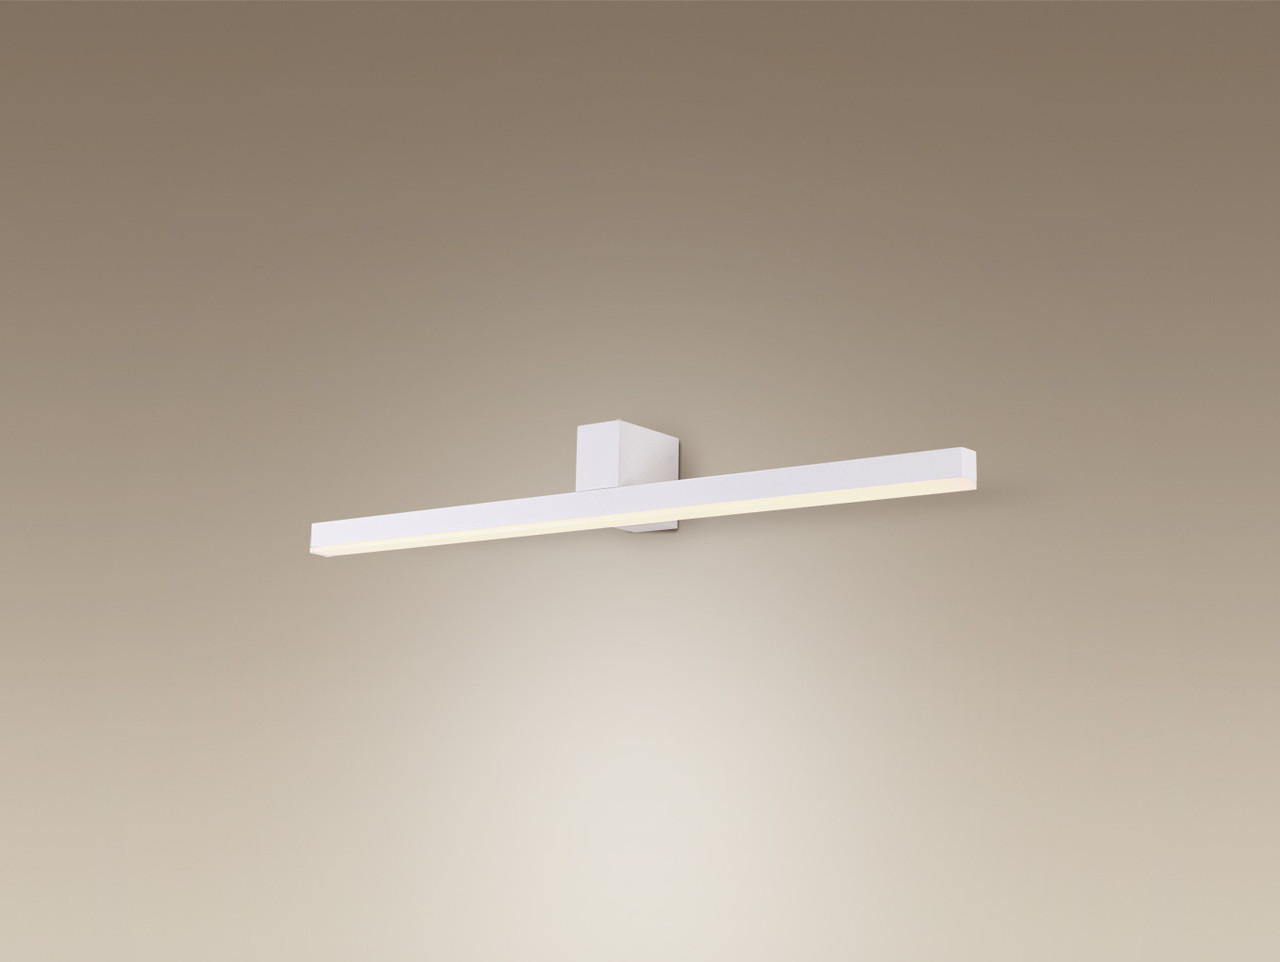 Настенный светильник Maxlight Finger W0155